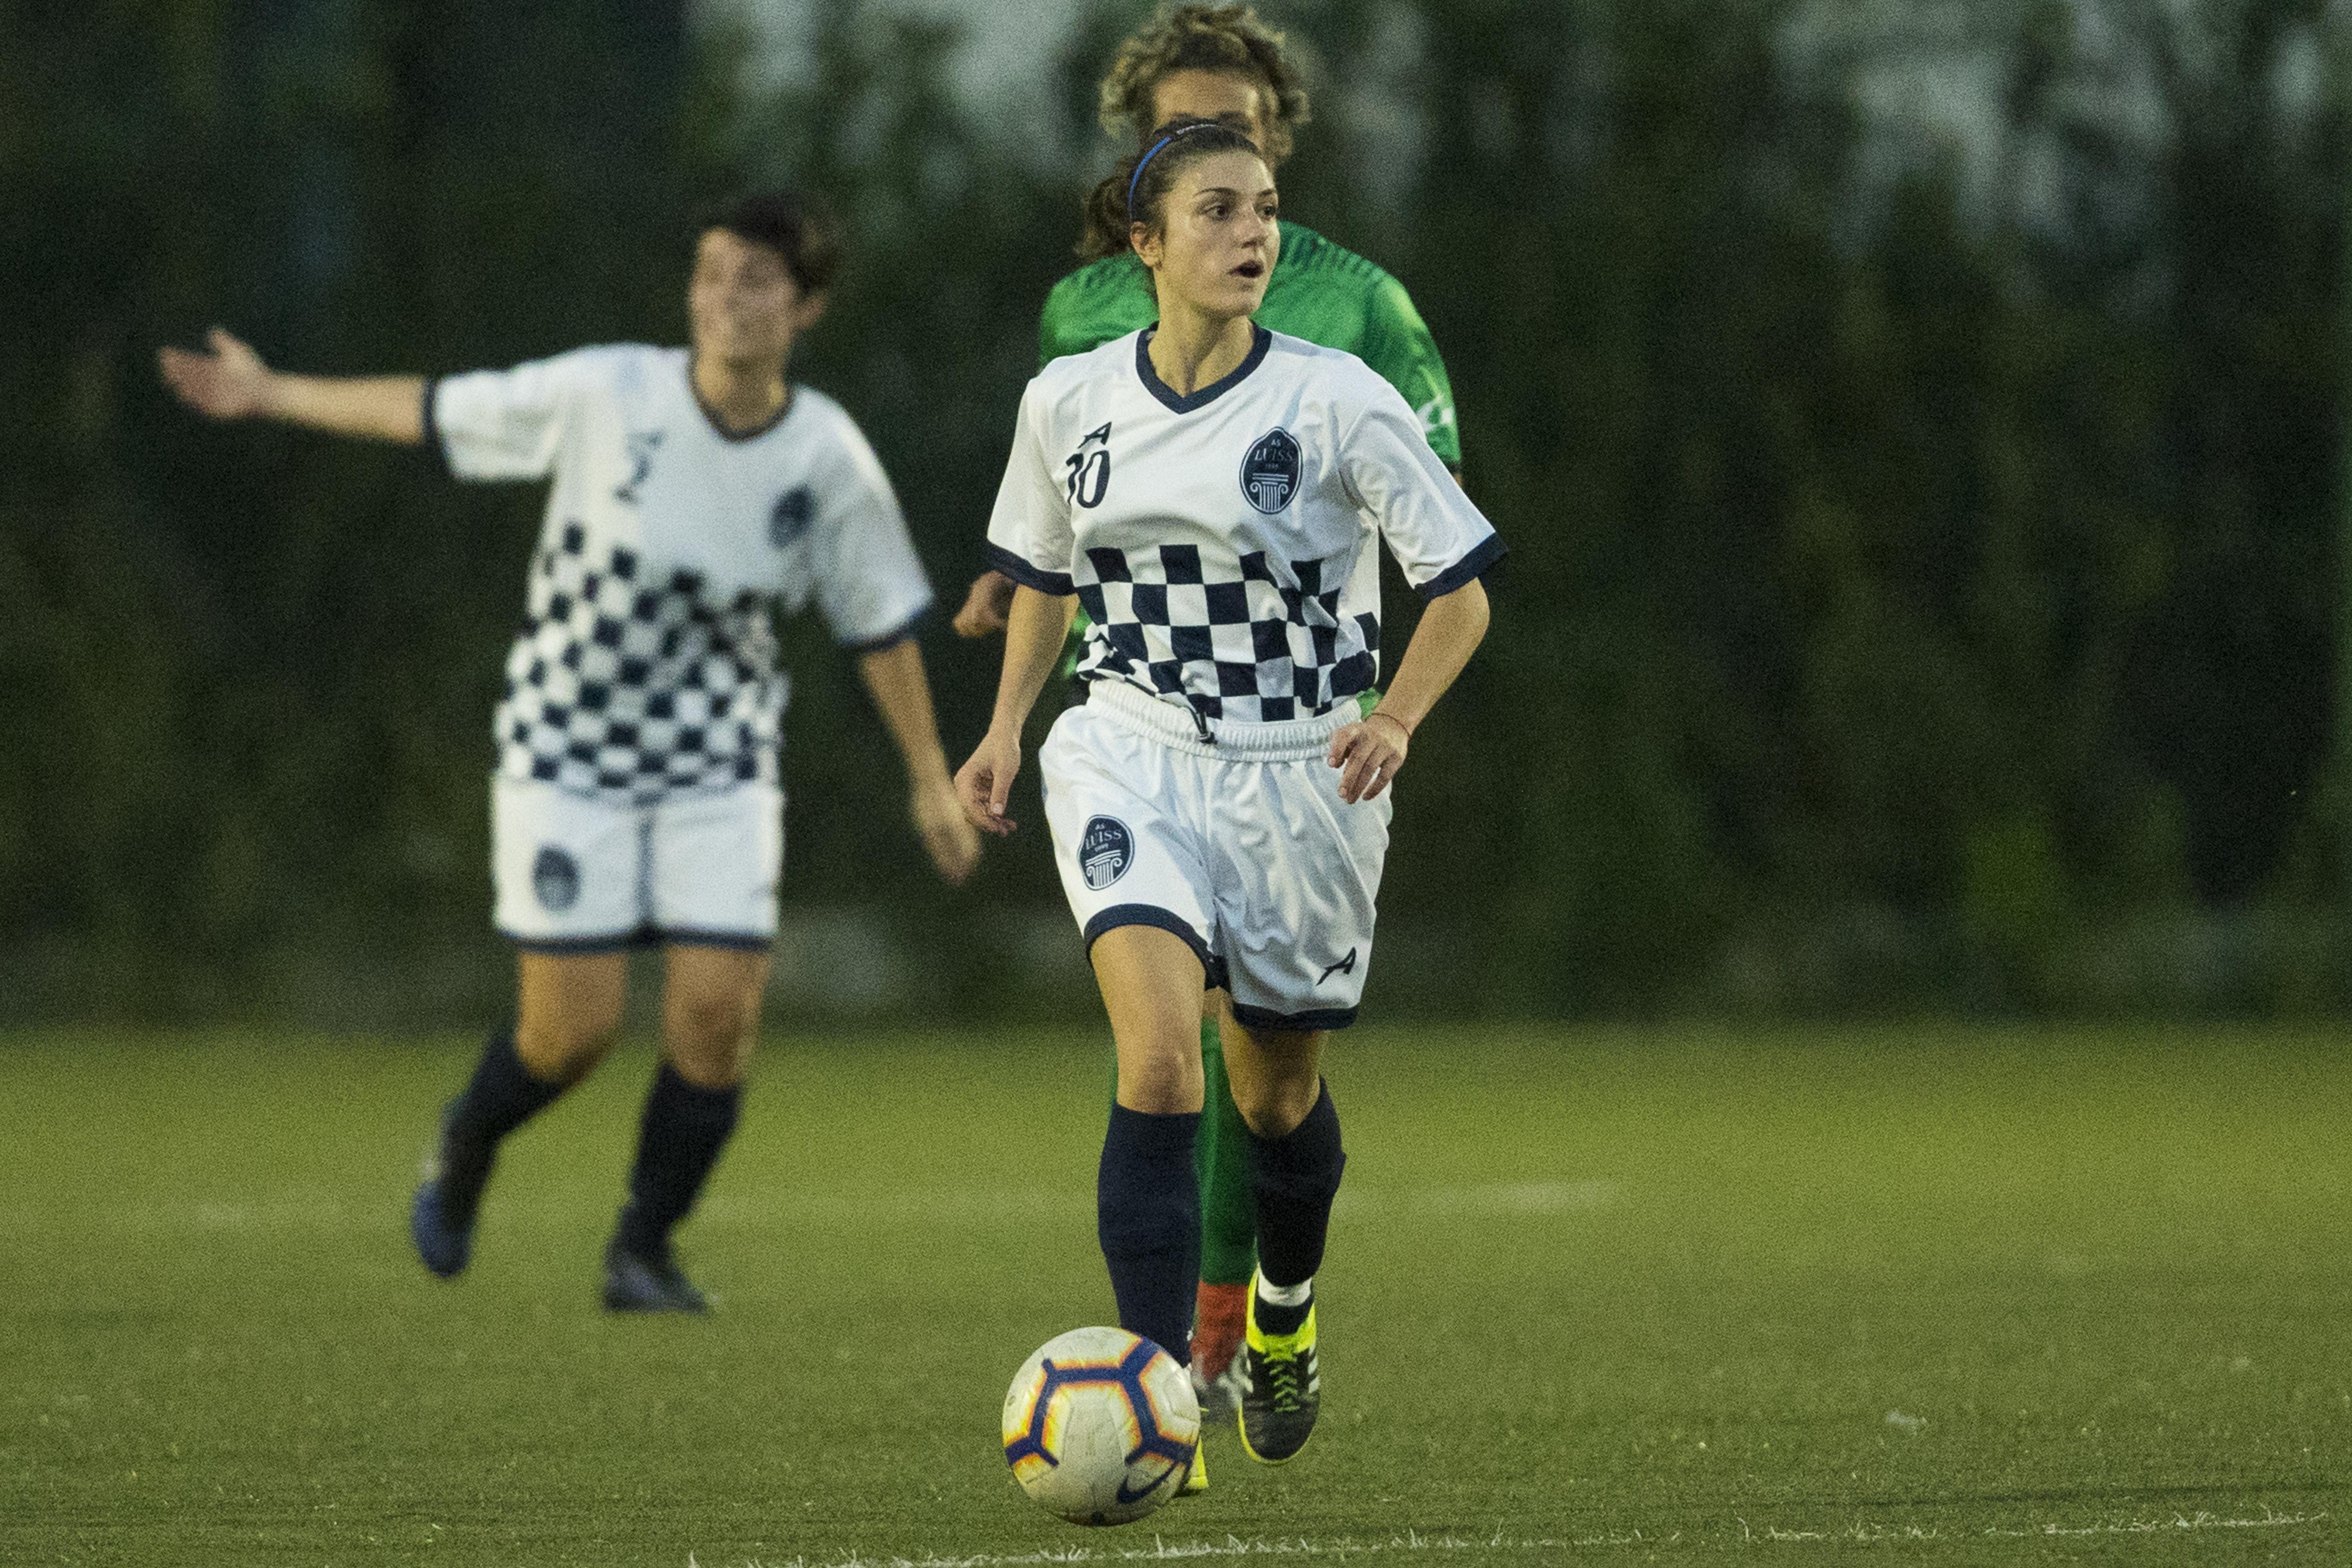 Calcio a 11 Femminile